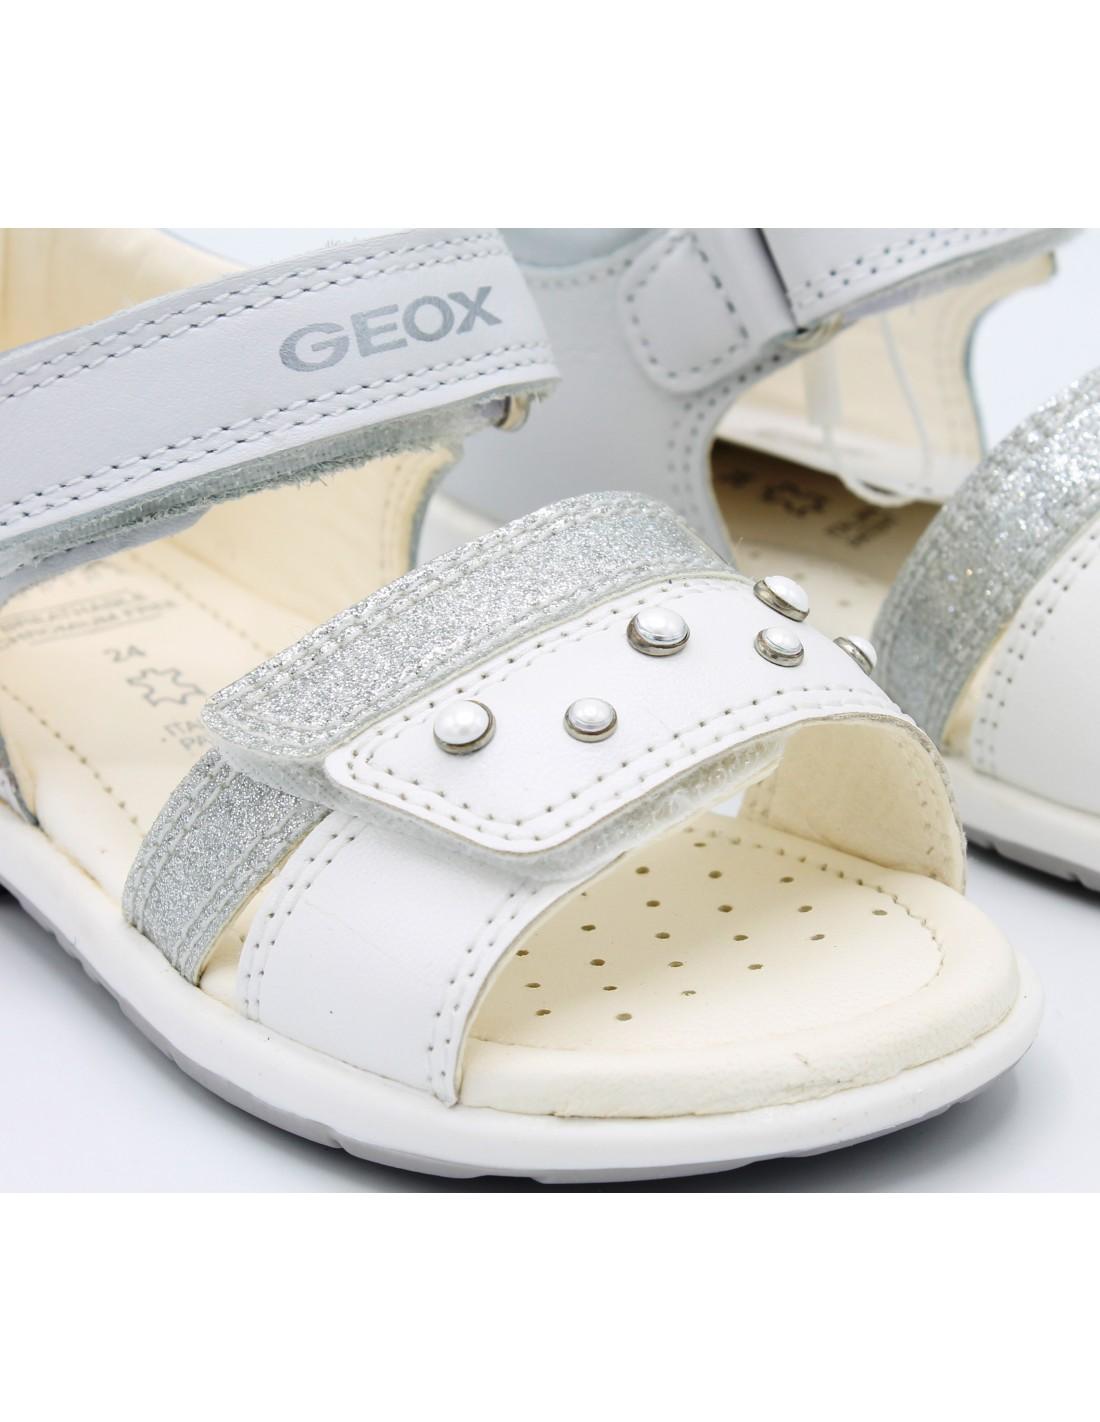 Dettagli su Geox sandali da bambina in pelle eleganti primi passi cerimonia scarpe per bimba